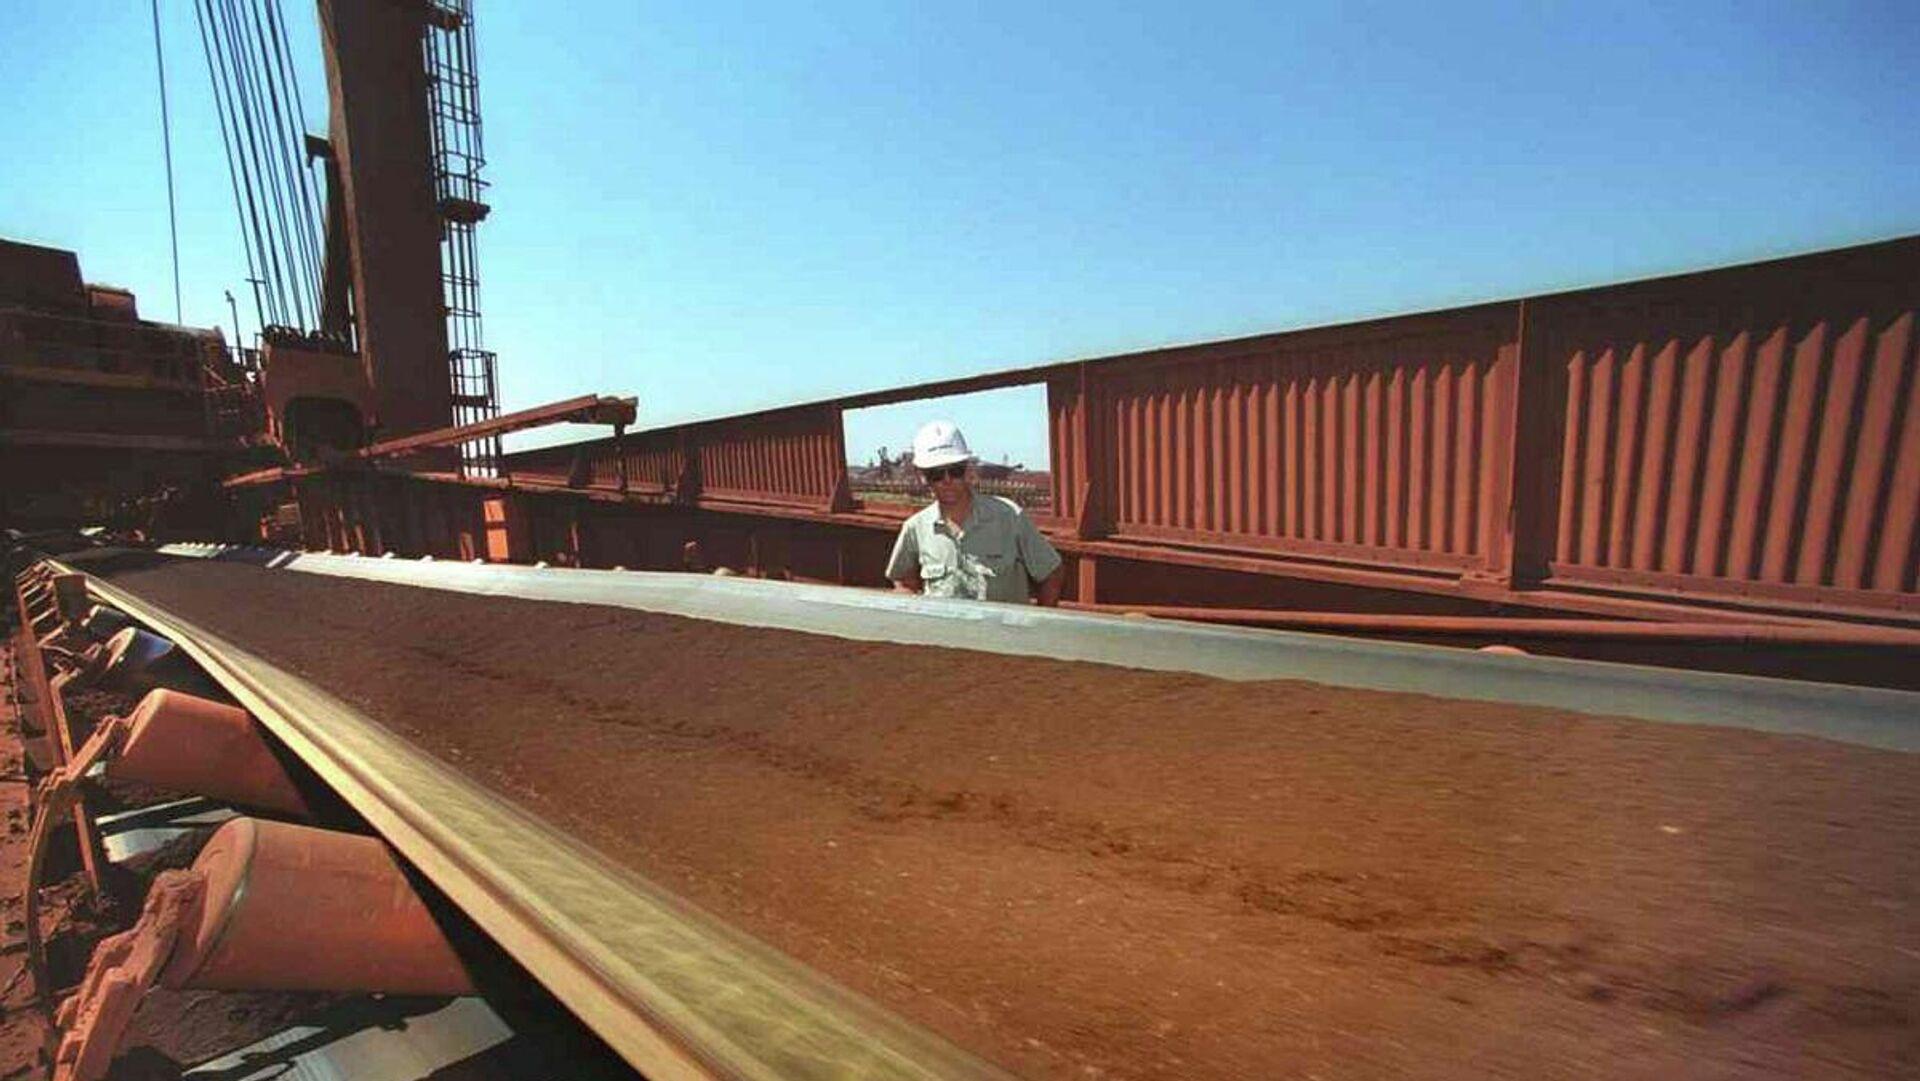 Un trabajador observa una cinta transportadora mientras se extrae mineral de hierro de la Zona Minera C en Pilbara (Australia Occidental) - Sputnik Mundo, 1920, 06.04.2021